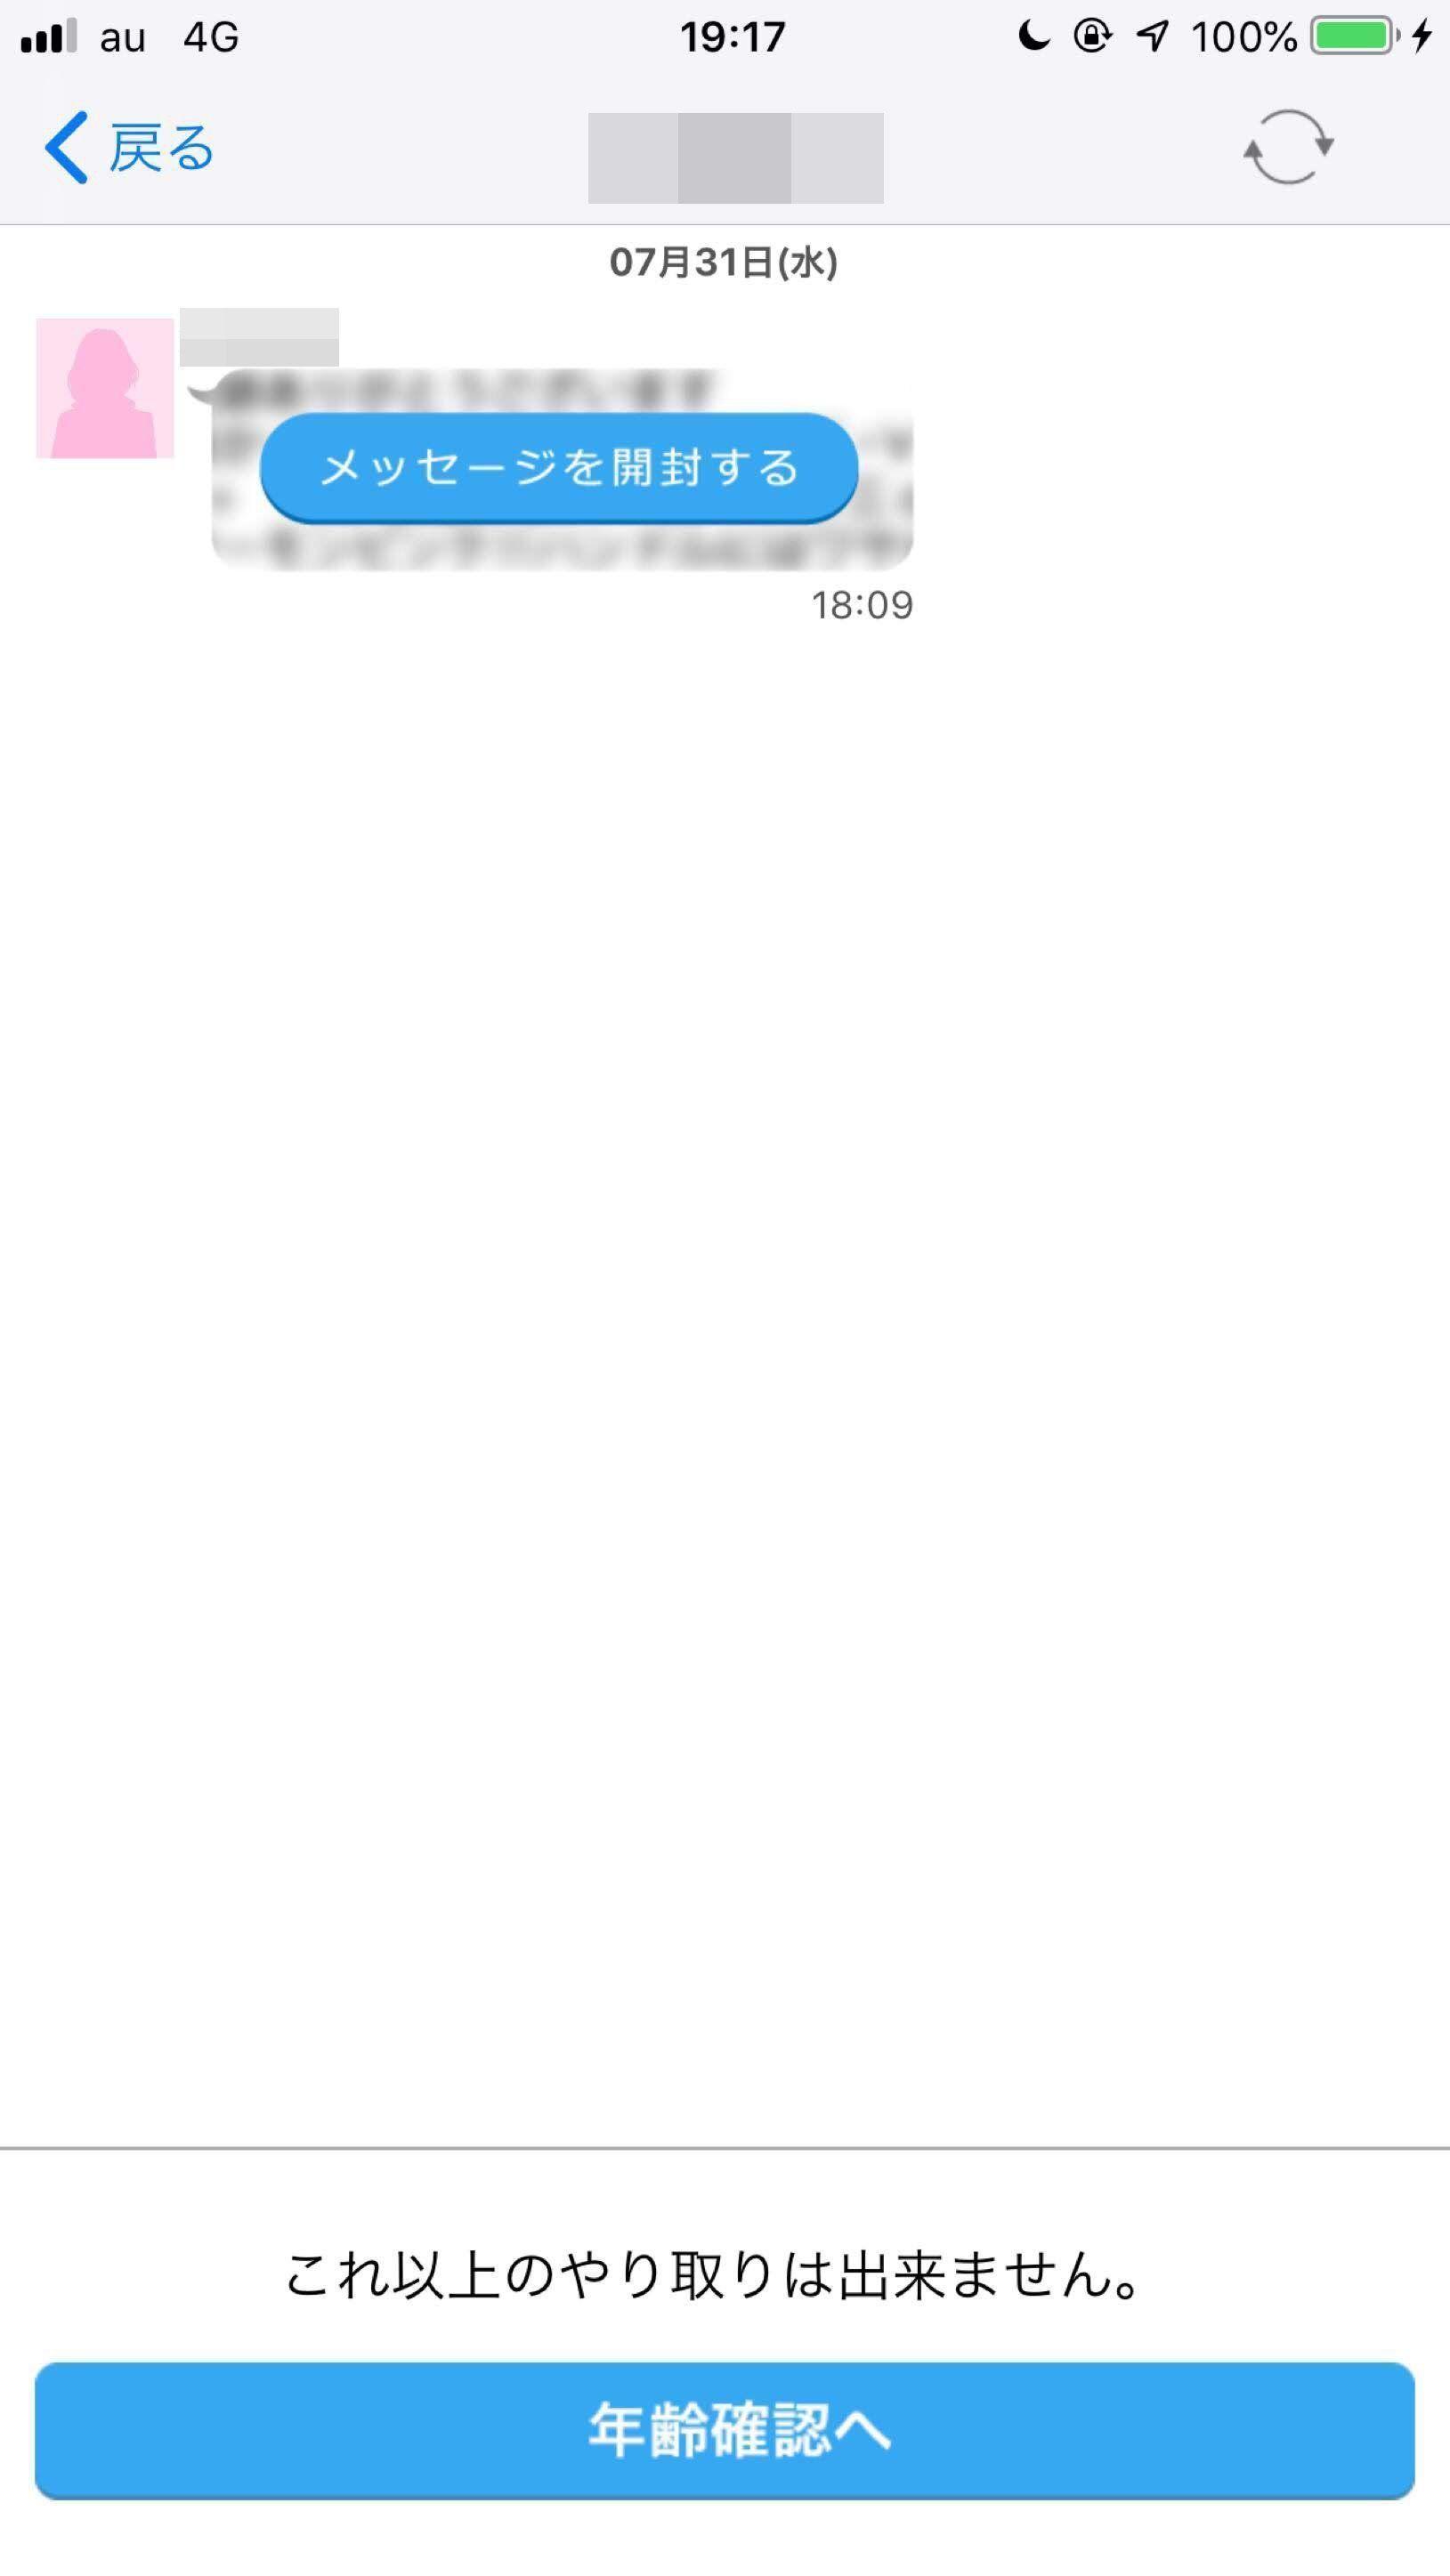 ハッピーメール ただし、メッセージは業者から届いてる可能性大